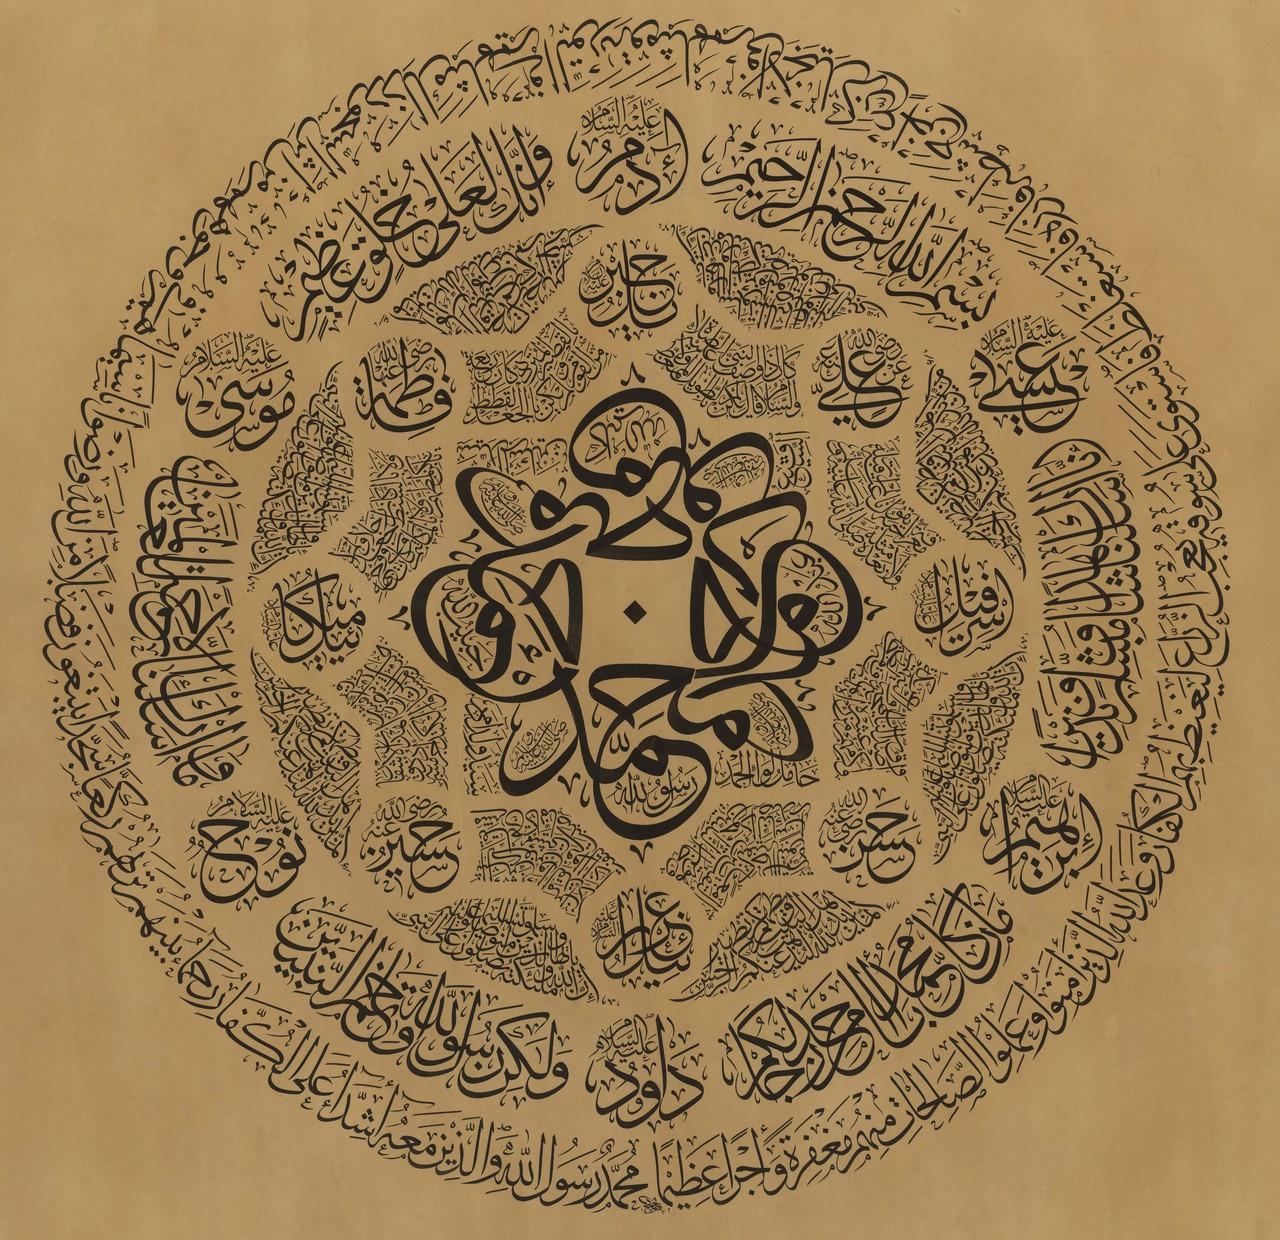 Hilyah Syarifah Kaligrafi Hiasan Untuk Nabi Muhammad Bag 2